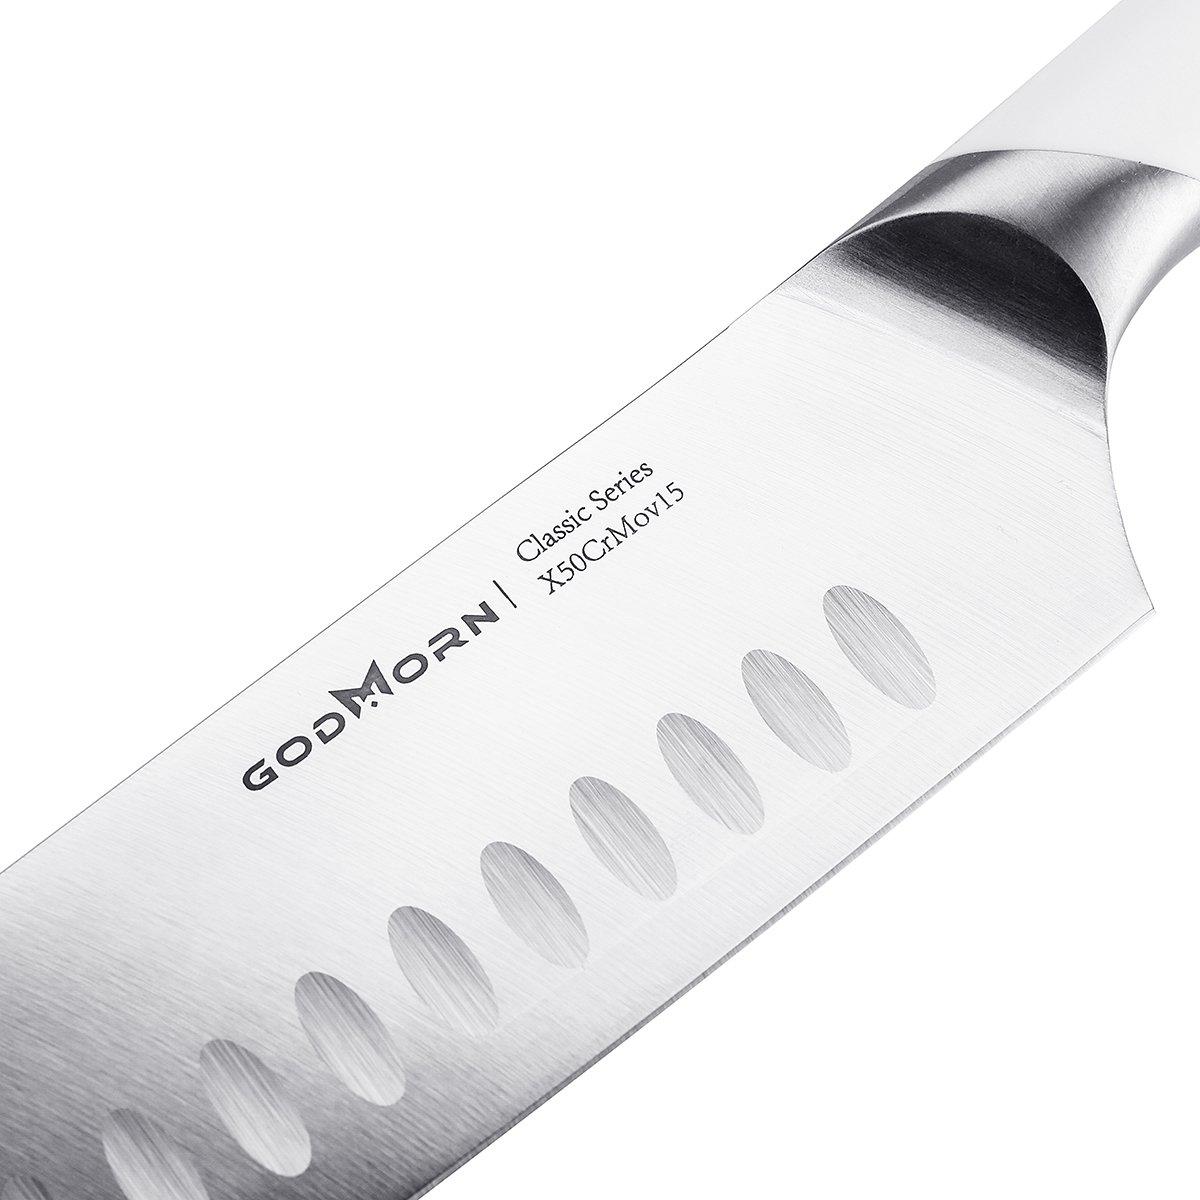 Großartig Beste Küchenmesser Sets Unter 100 Galerie - Ideen Für Die ...